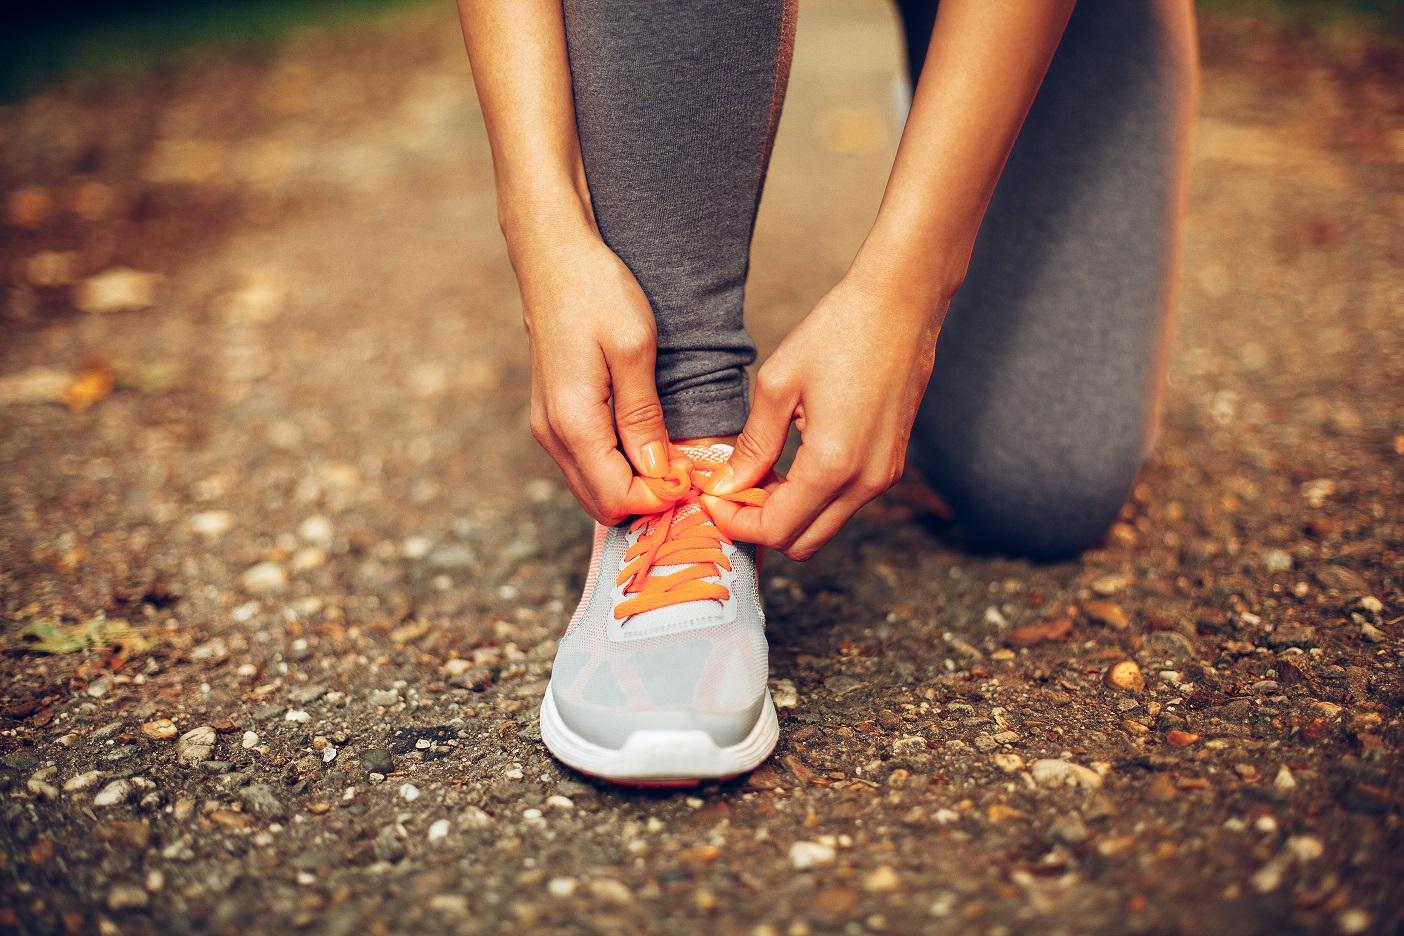 Dicas para lacear os tênis e não sofrer na hora da corrida - Foto: Adobe Stock